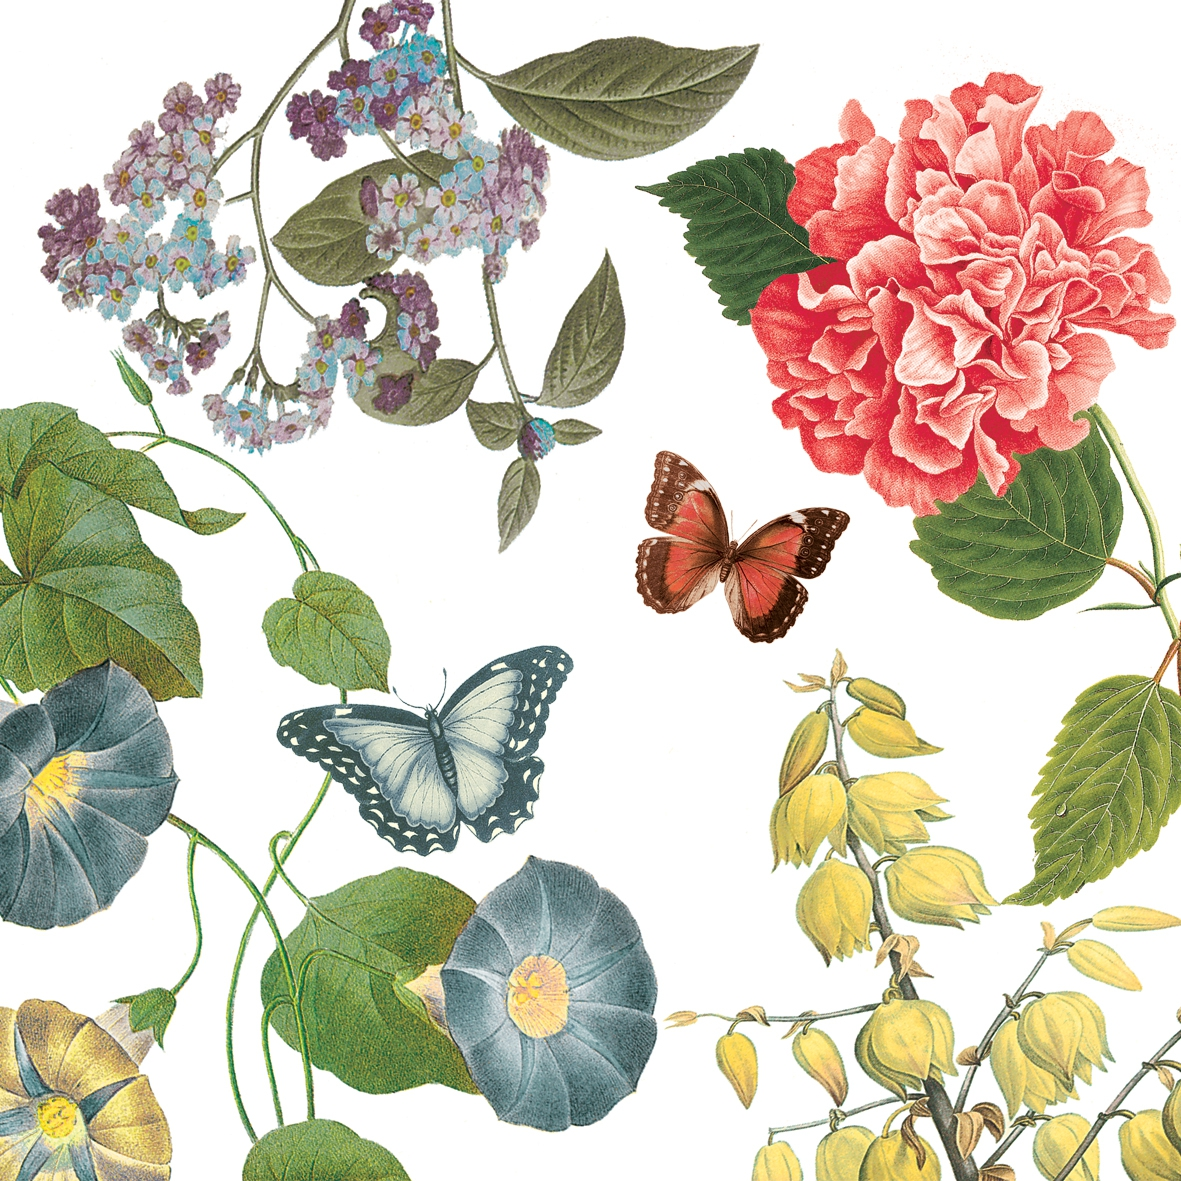 Motivservietten Gesamtübersicht,  Blumen -  Sonstige,  Pflanzen -  Sonstige,  Tiere - Schmetterlinge,  Everyday,  lunchservietten,  Blumen,  Schmetterlinge,  Pflanzen